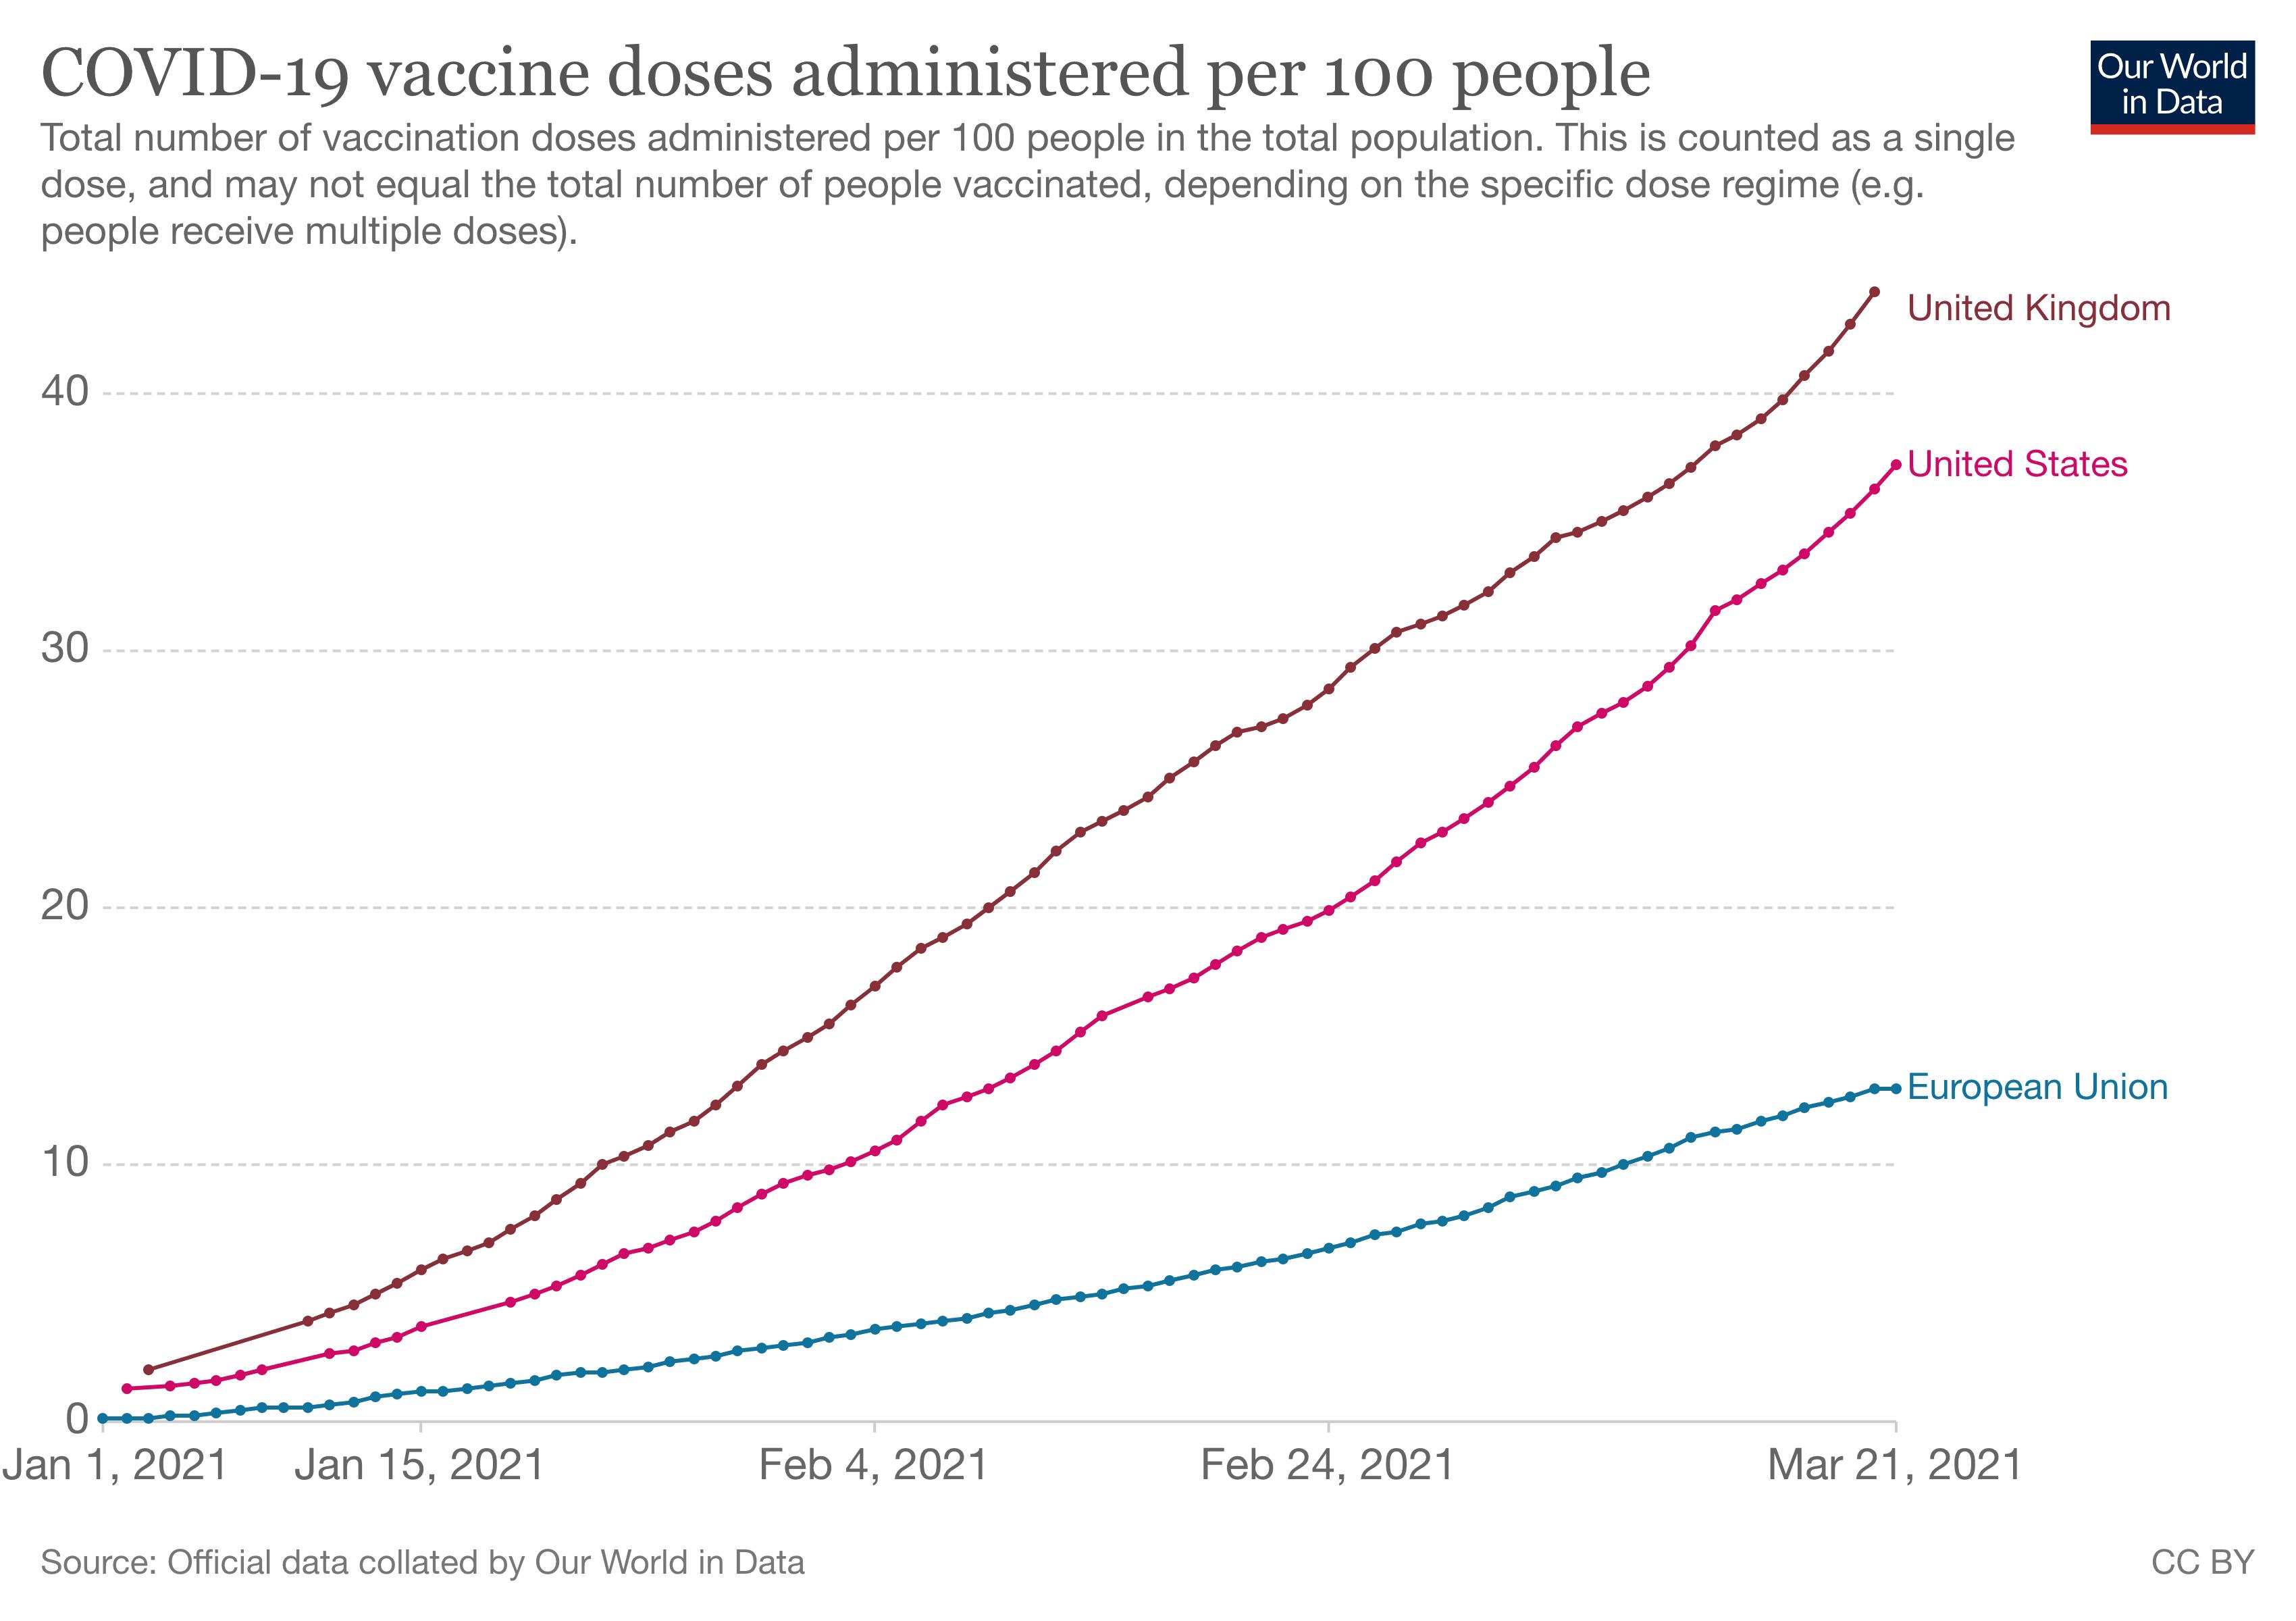 Vaccination comparison